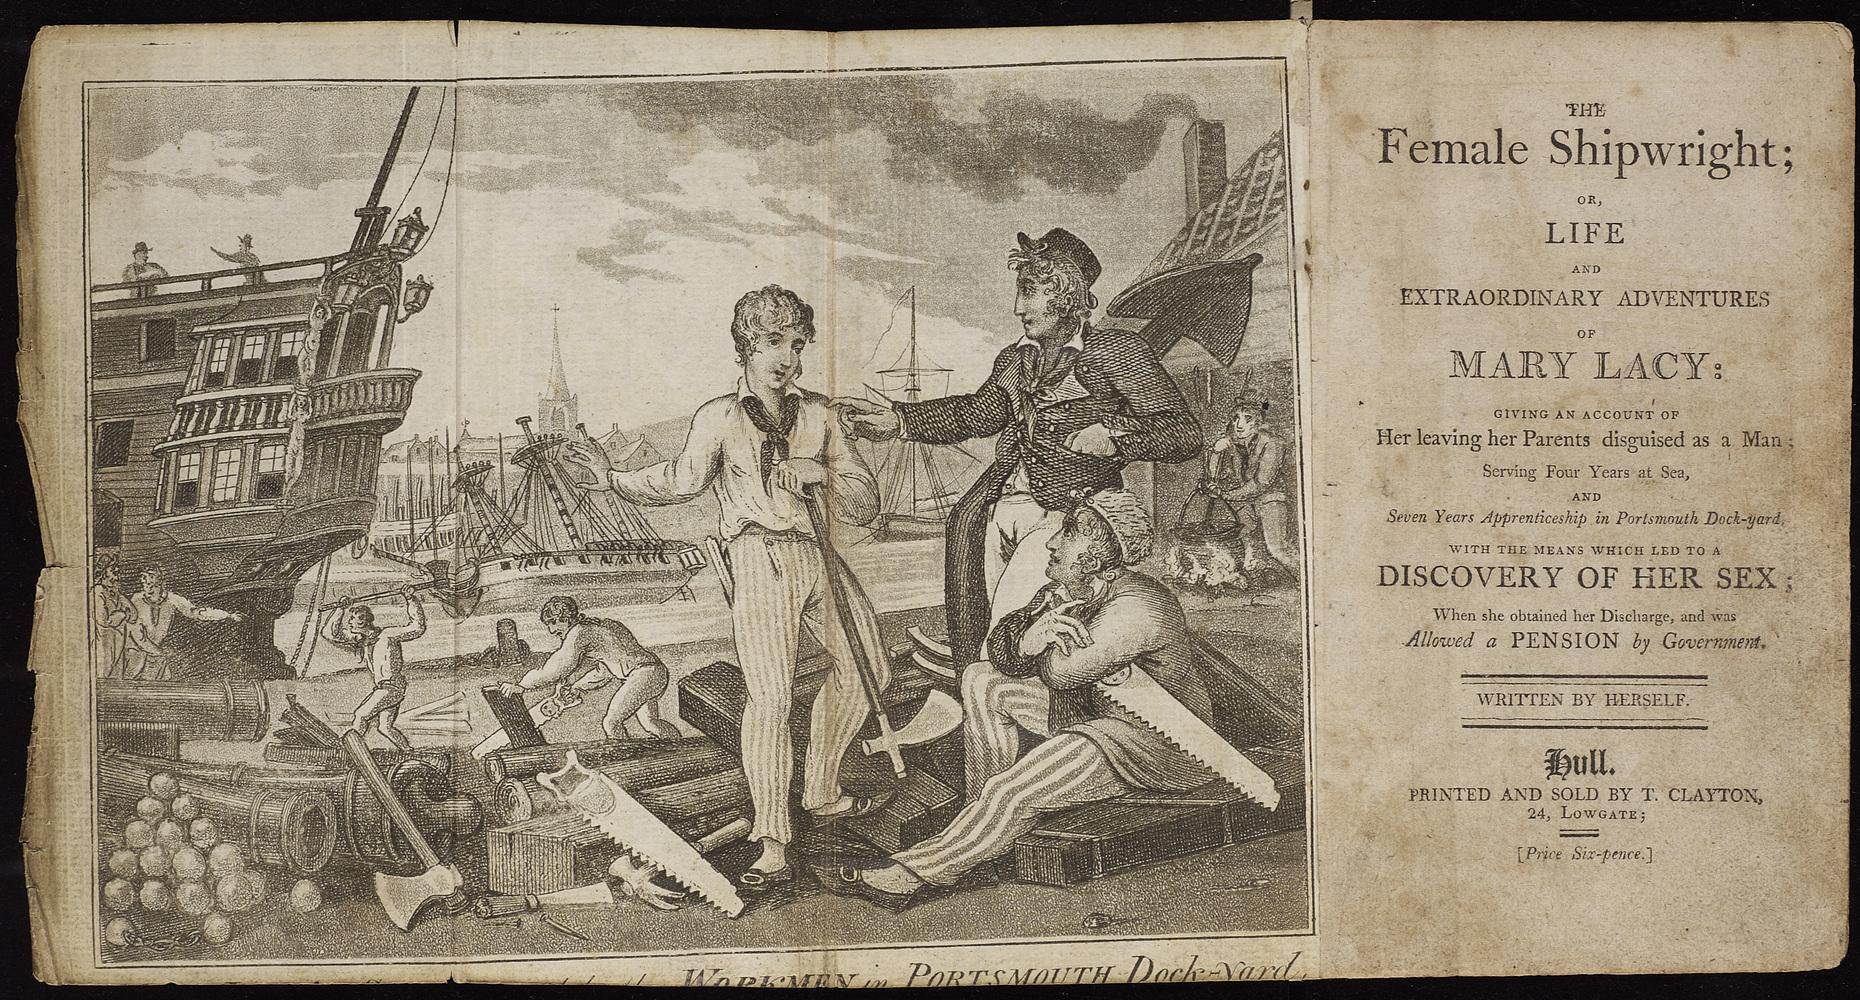 Mary Lacy, The female shipwright